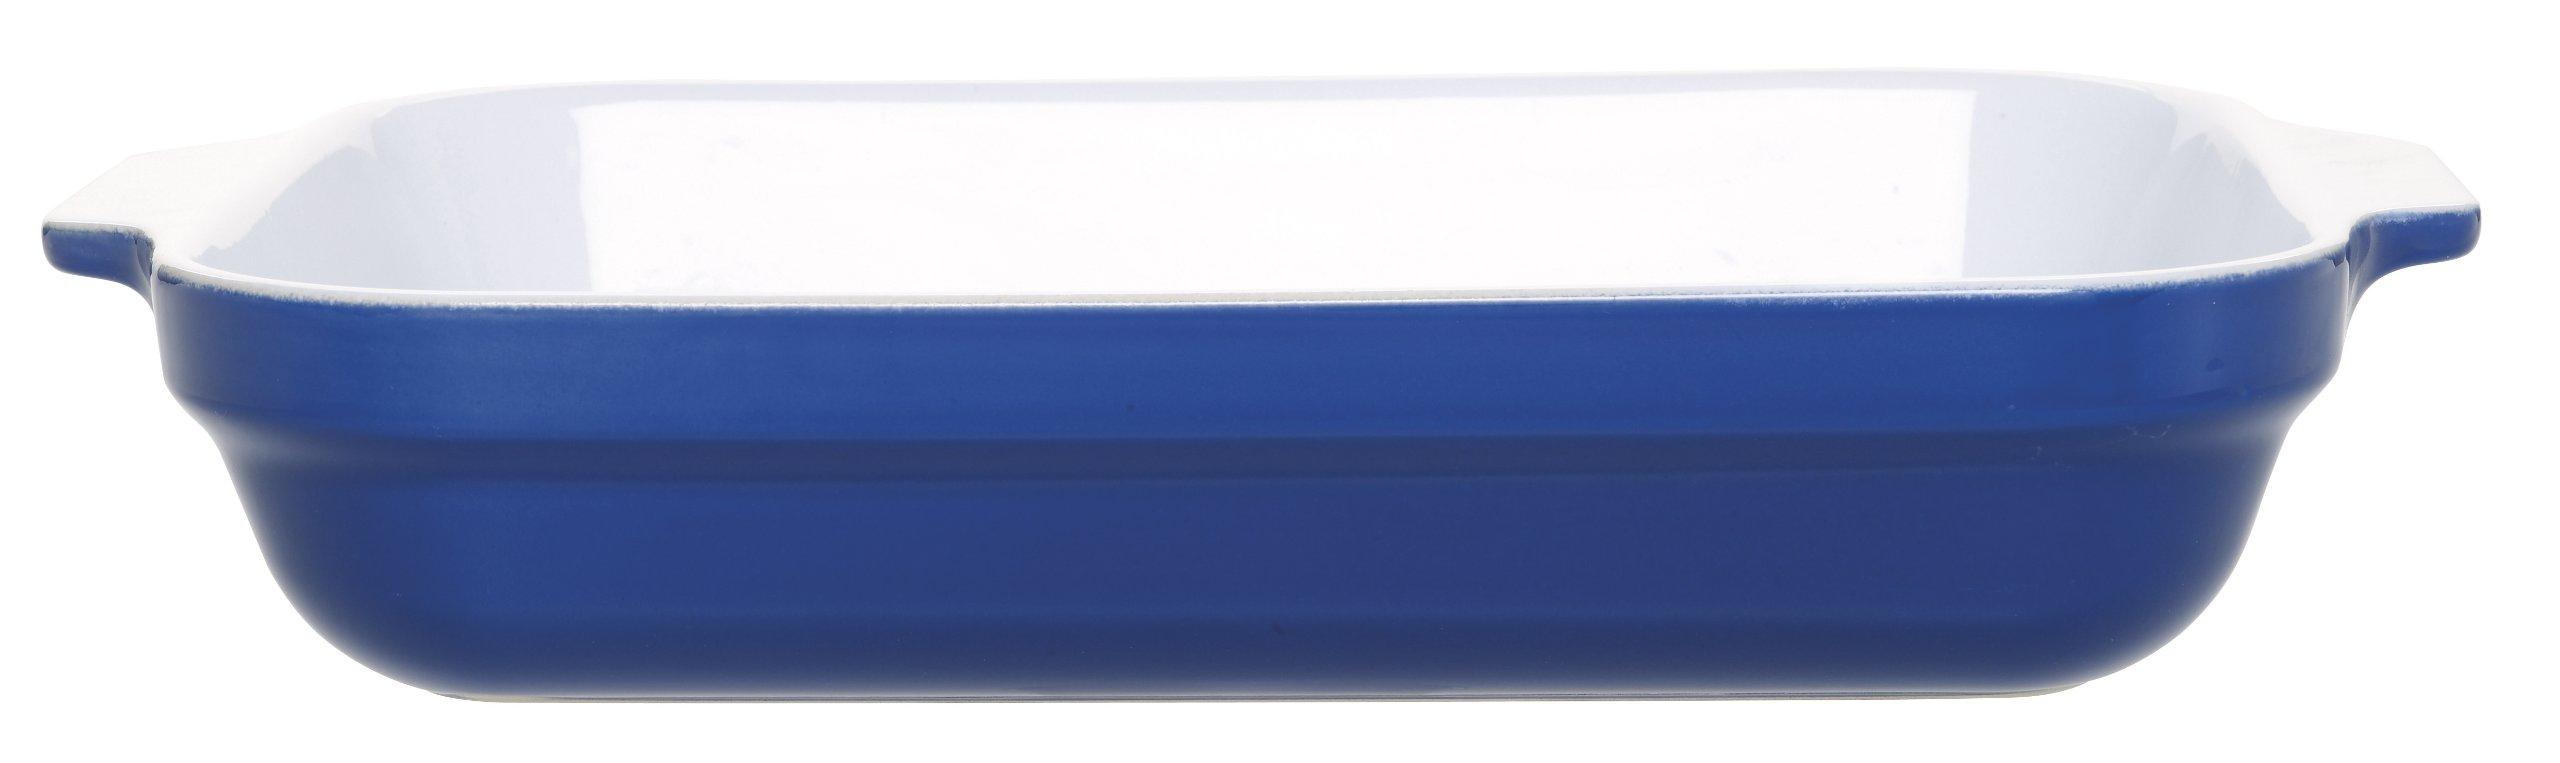 Emile Henry 13-by-10-Inch Lasagna Baker, Azure Blue